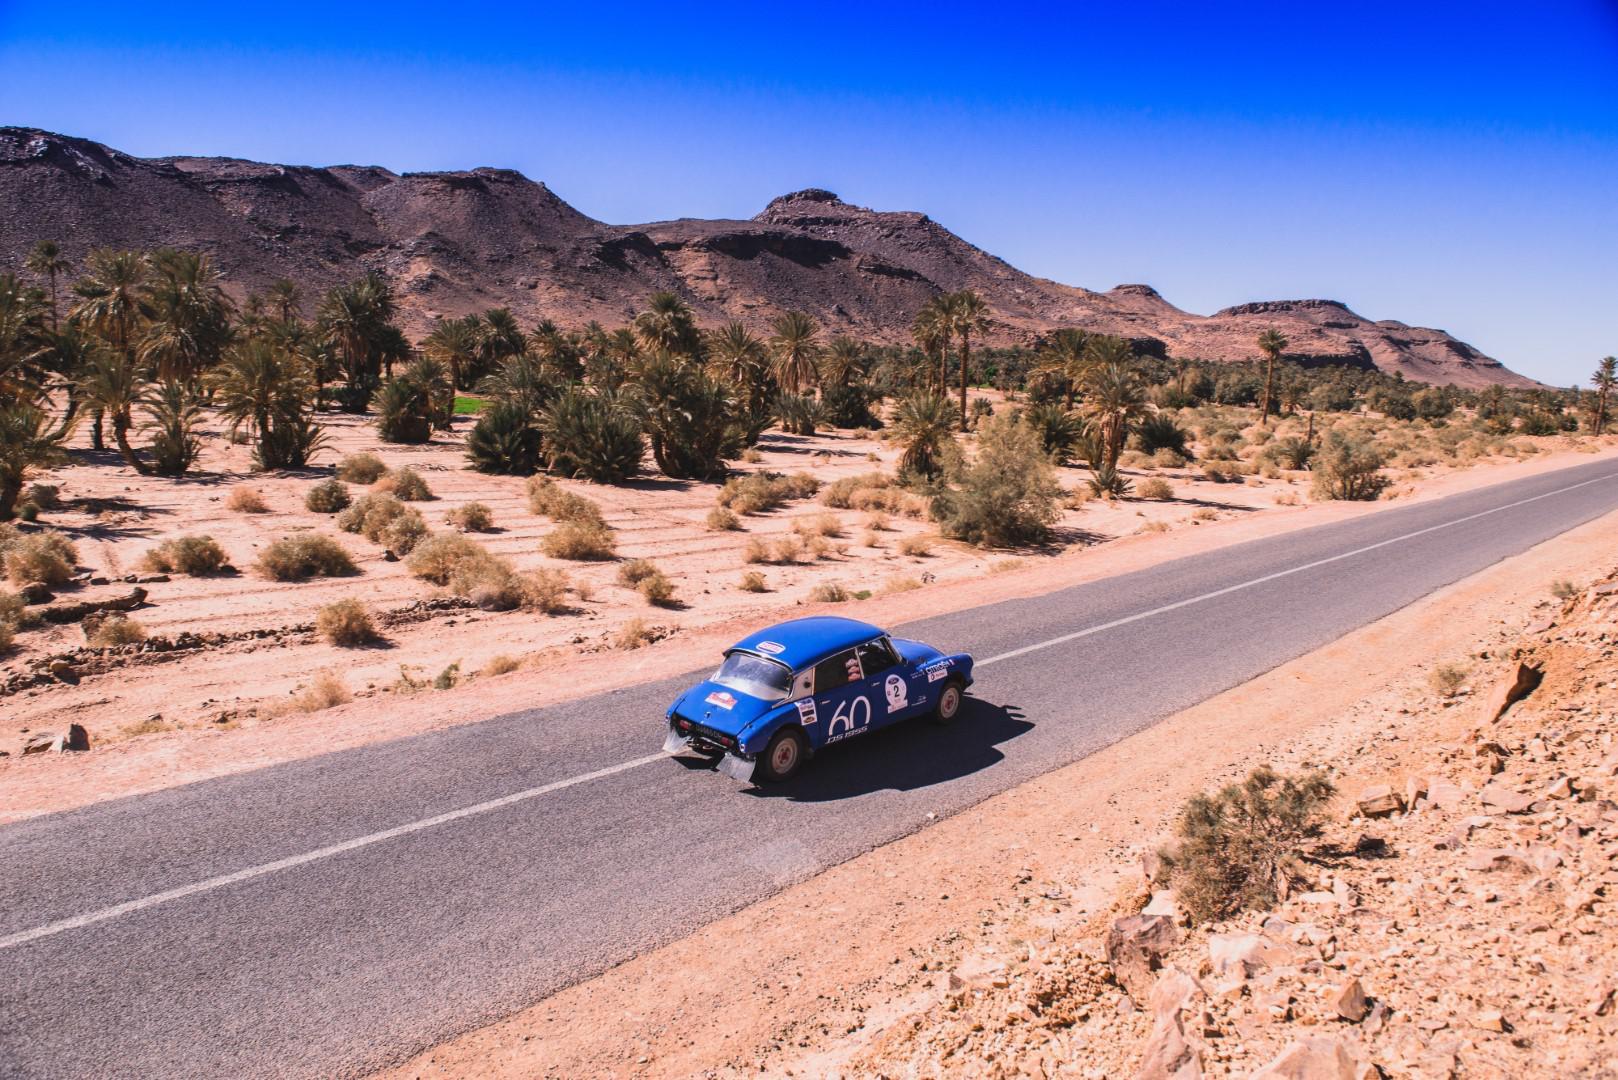 victoire-marocaine-pour-le-25eme-anniversaire-du-rallye-maroc-classic-680-21.jpg